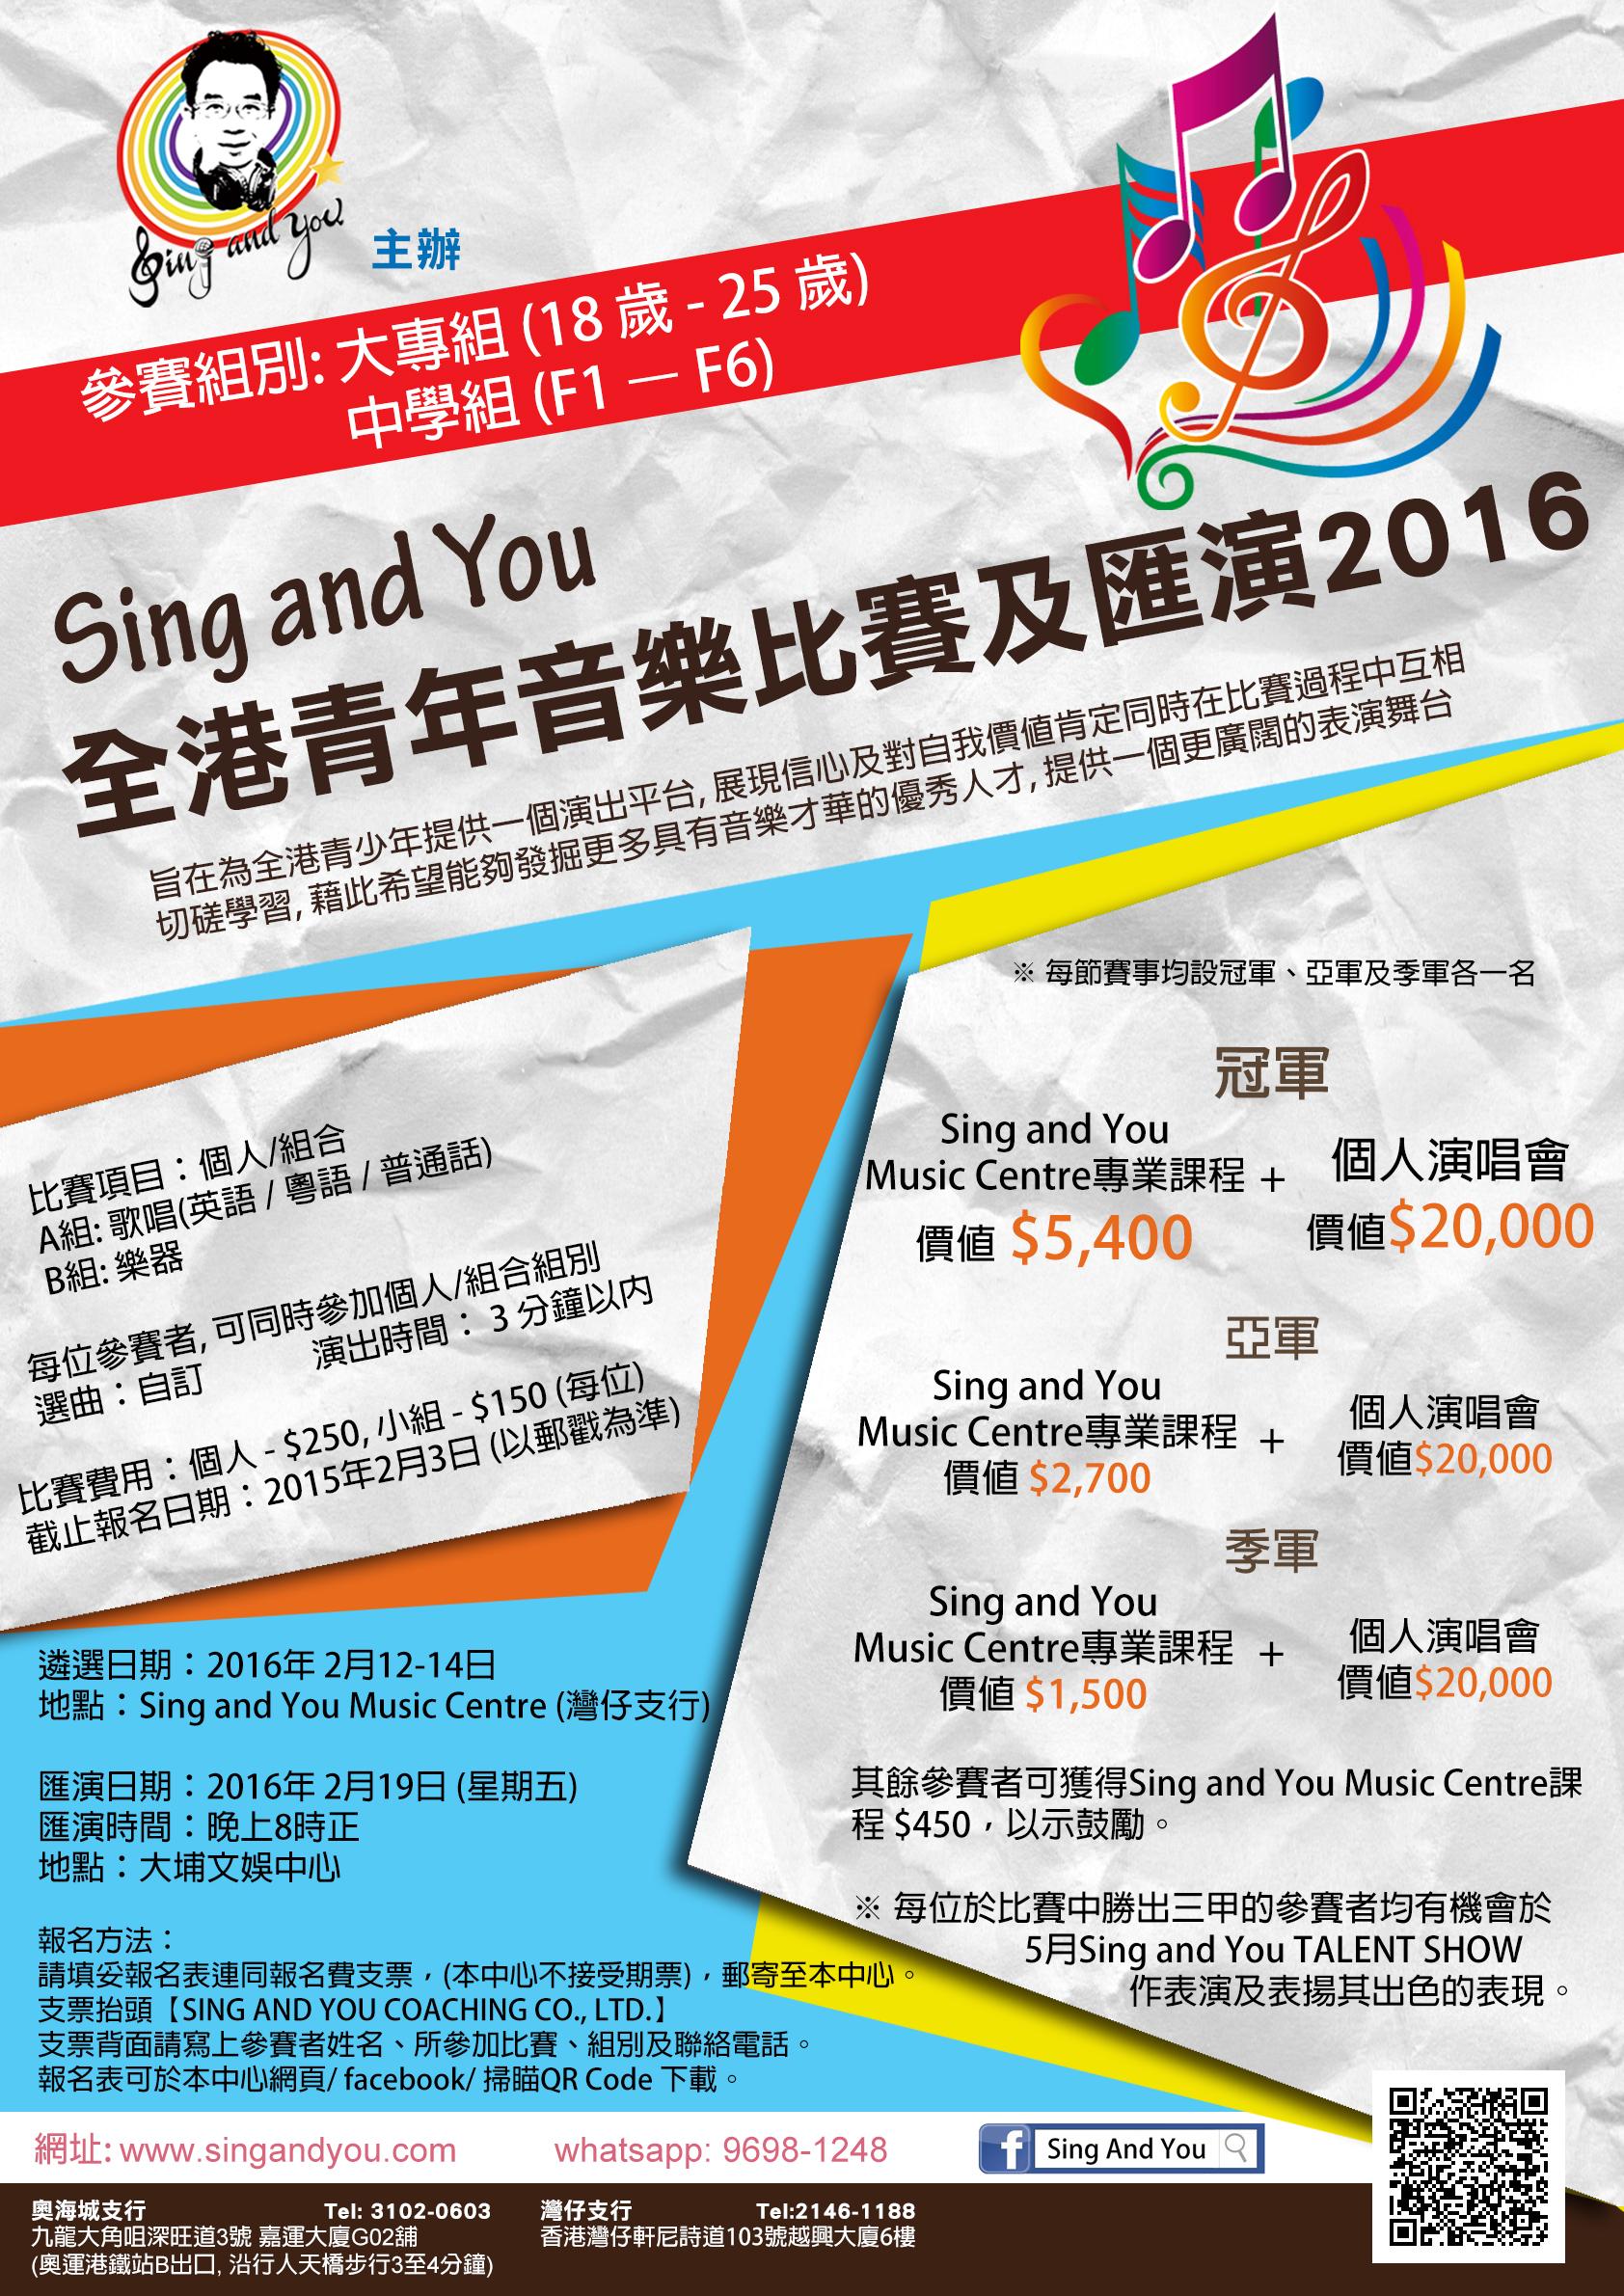 全港青年音樂比賽及匯演2016